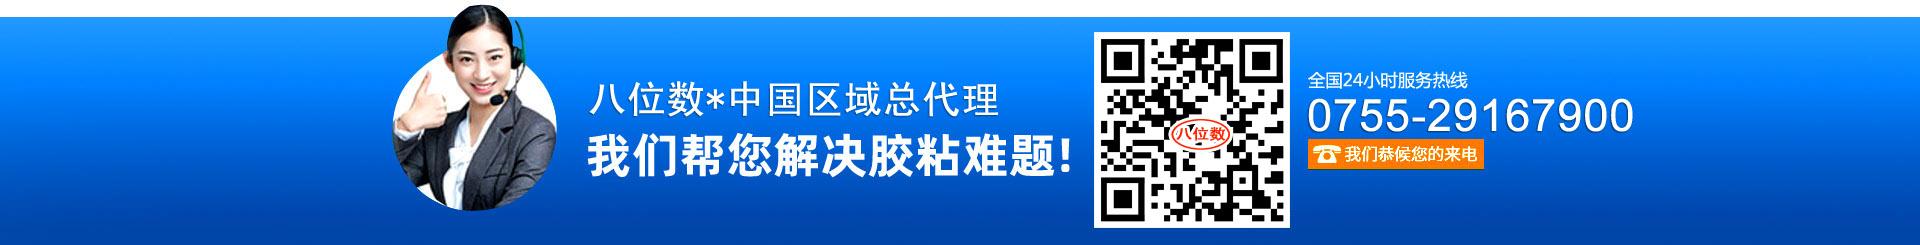 八位数_中国区域总代理